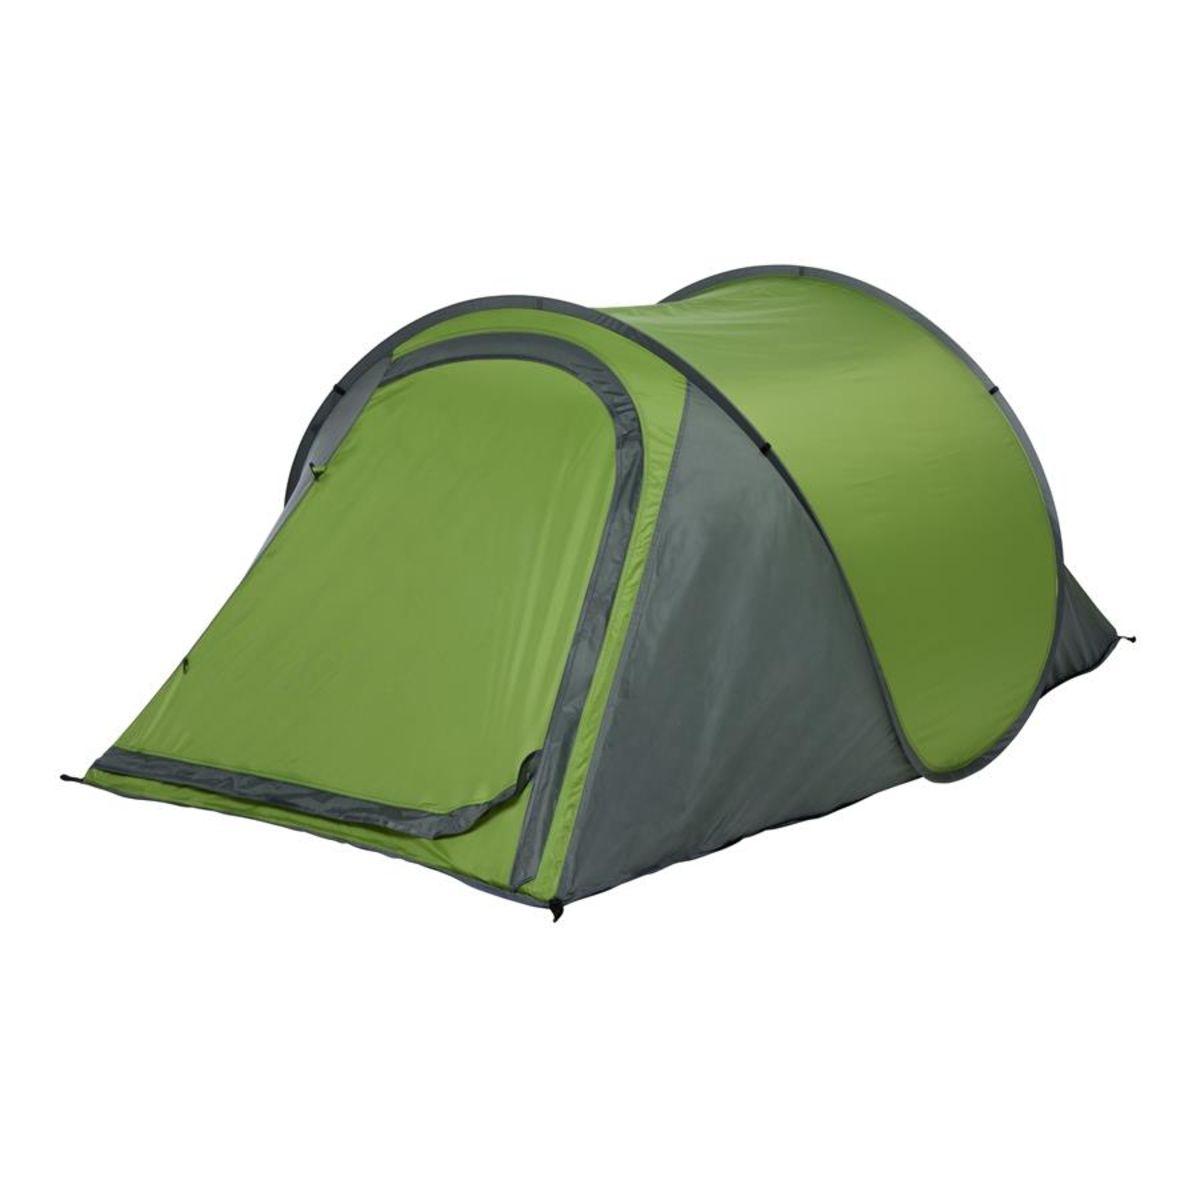 2 Person Pop Up Tent active u0026 Co  sc 1 st  Pinterest & 2 Person Pop Up Tent active u0026 Co | Camping | Pinterest | Tents